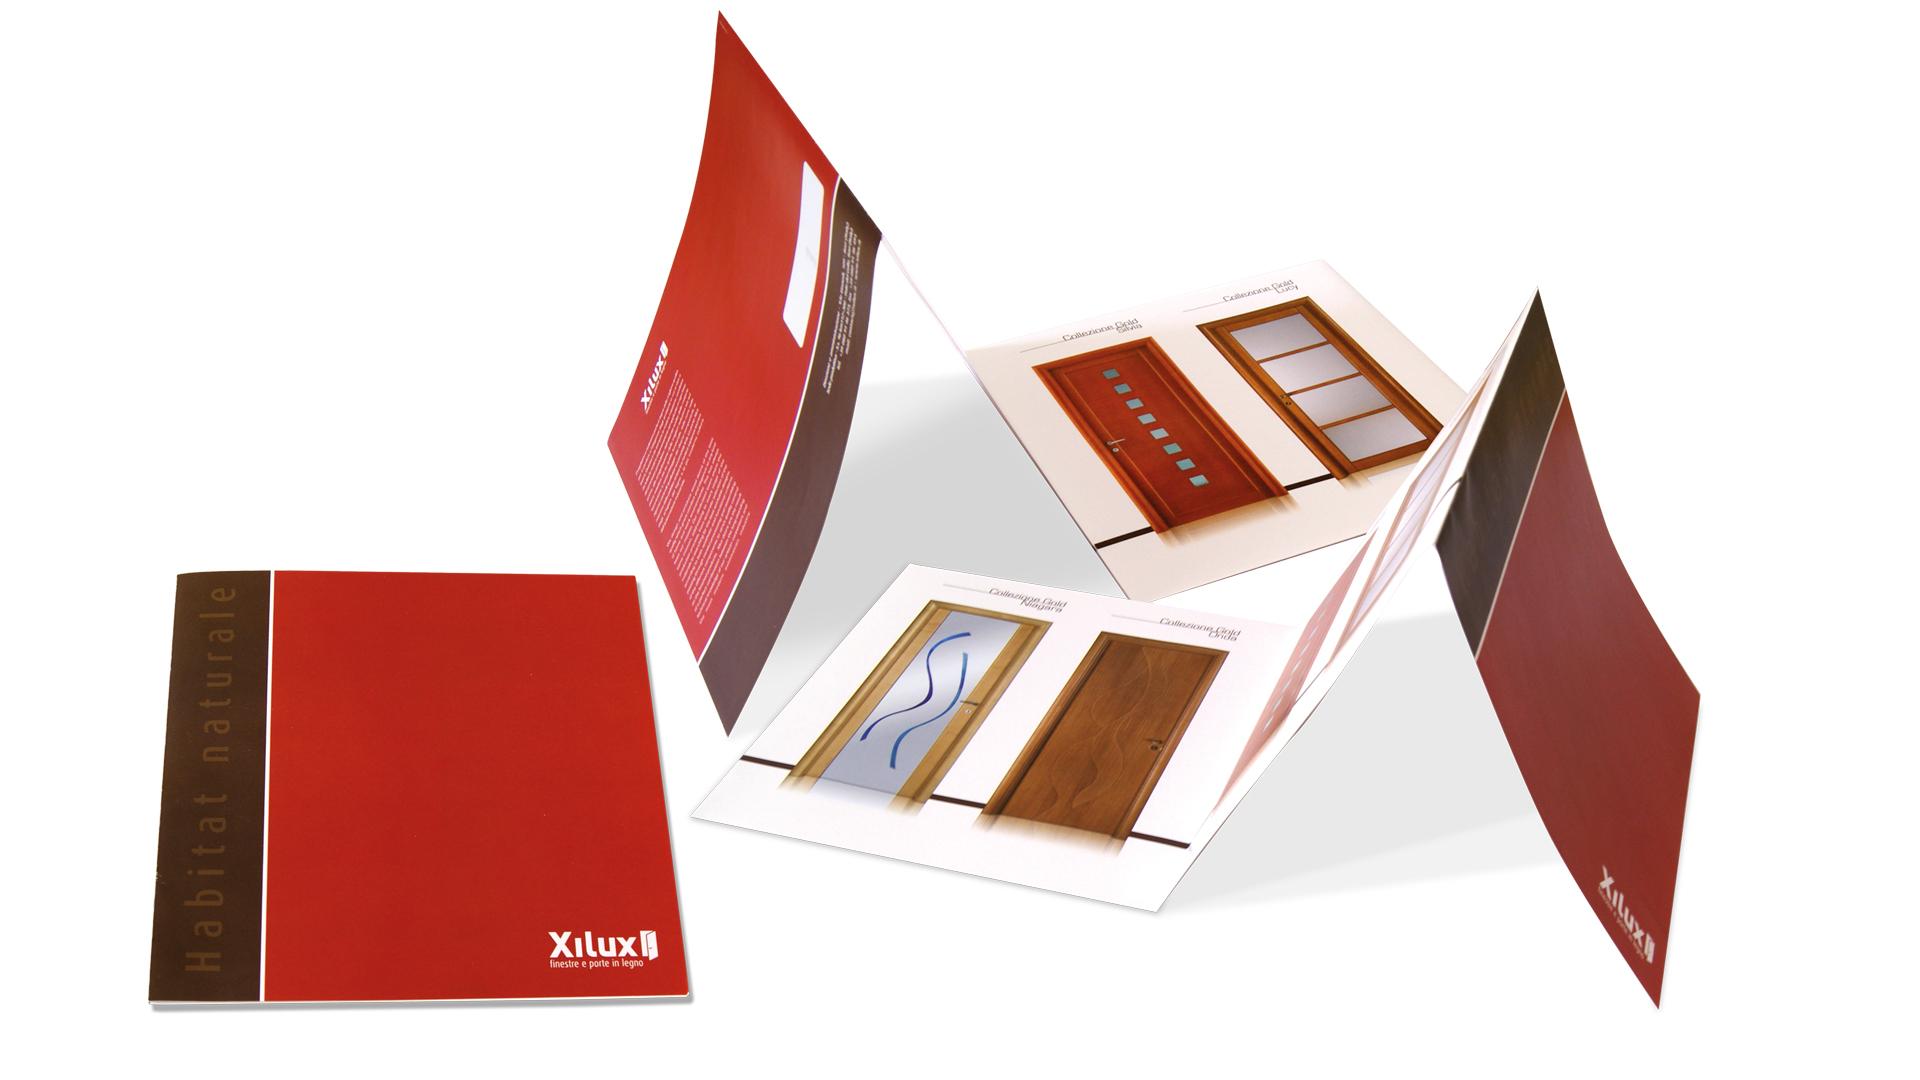 xilux_brochure